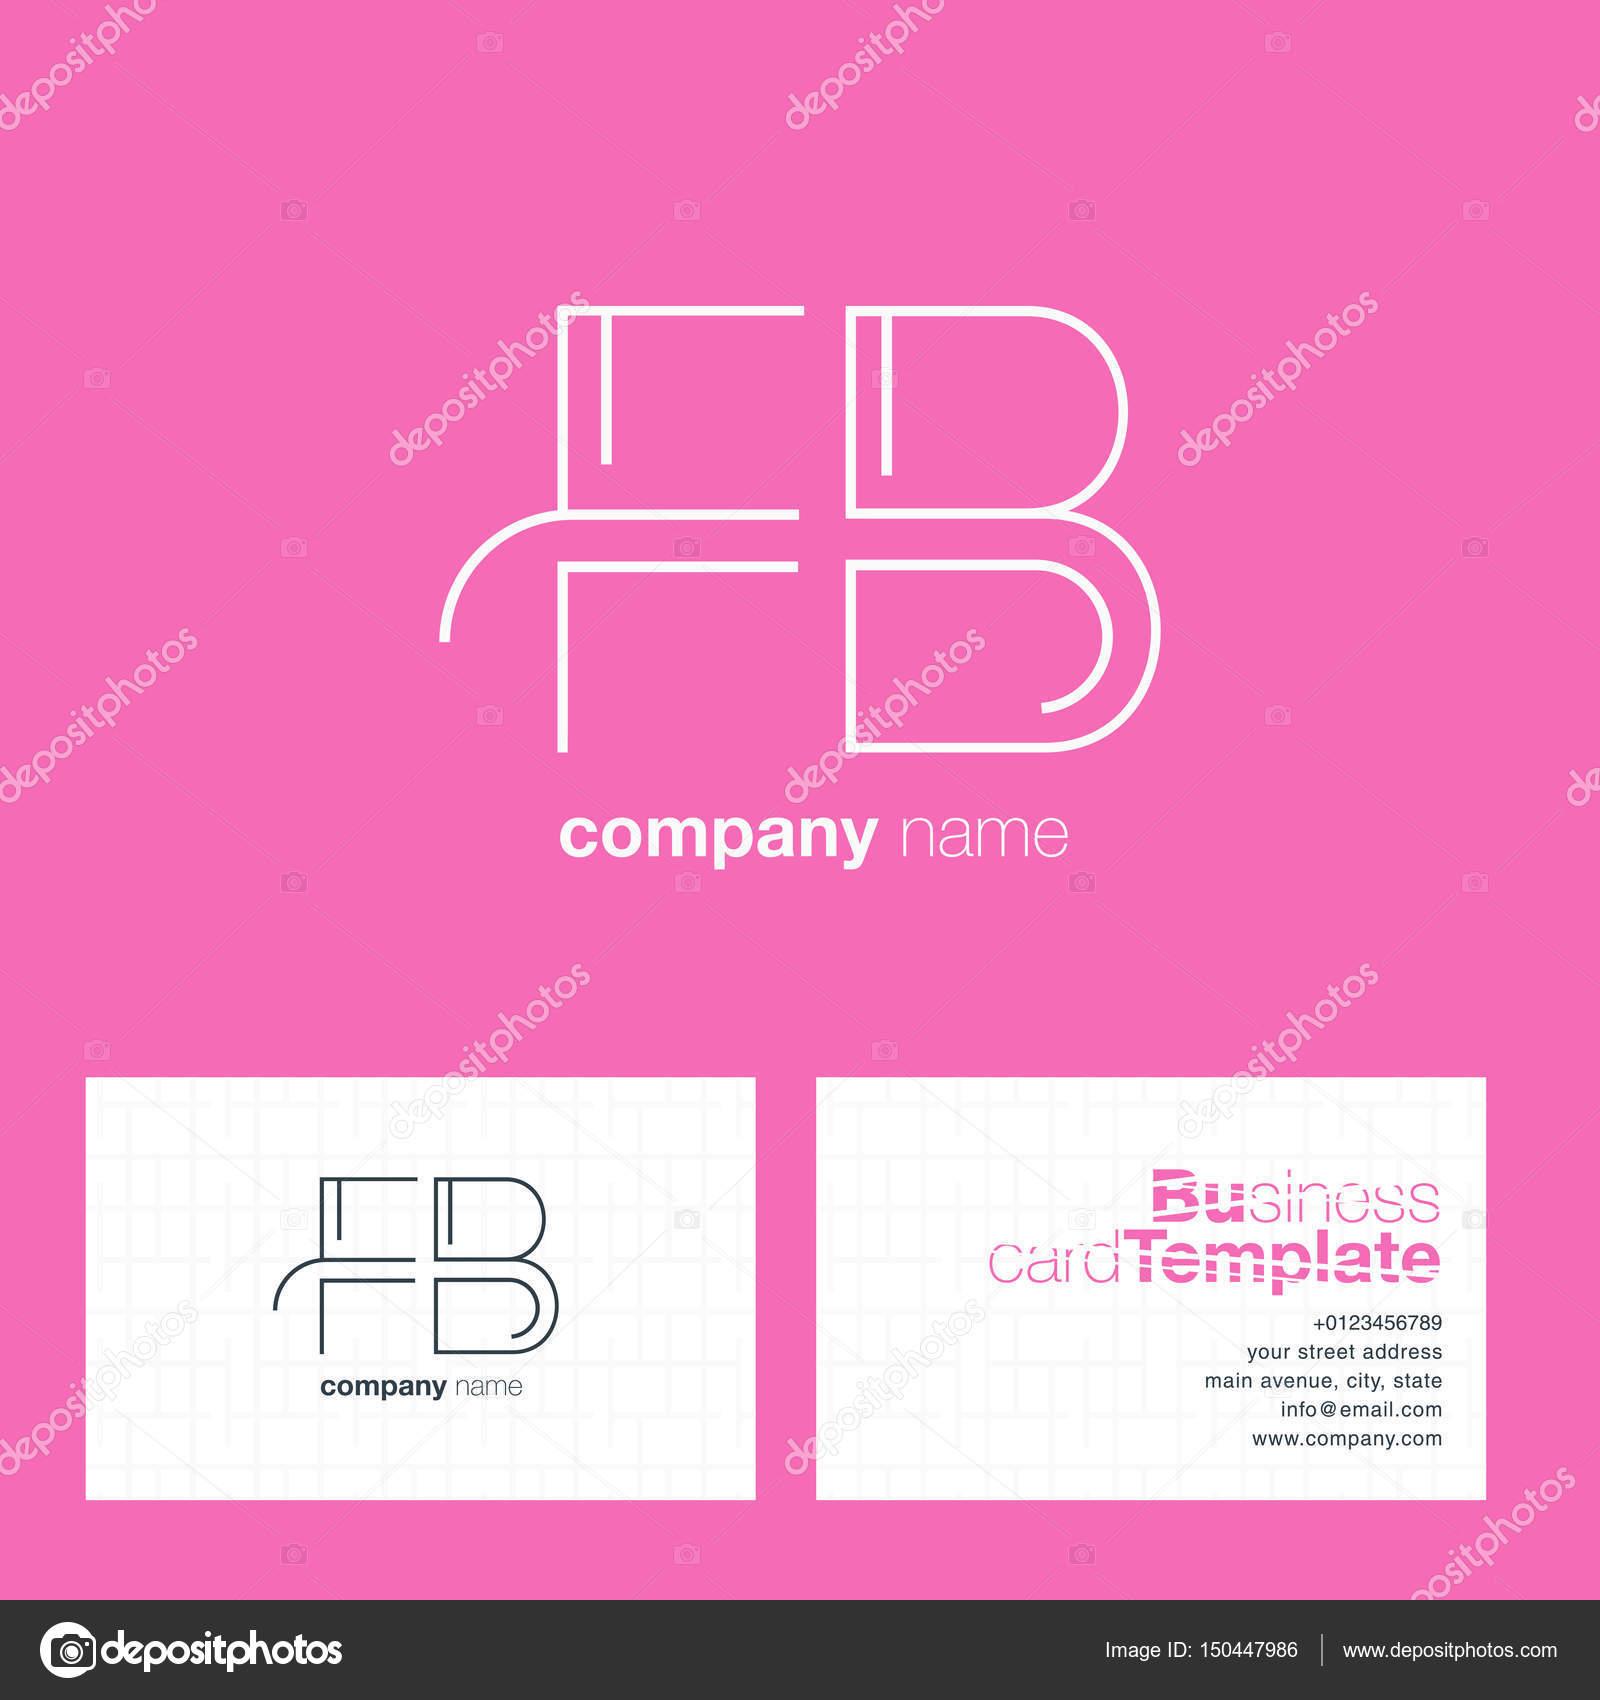 FB Lettres Logo Carte De Visite Image Vectorielle